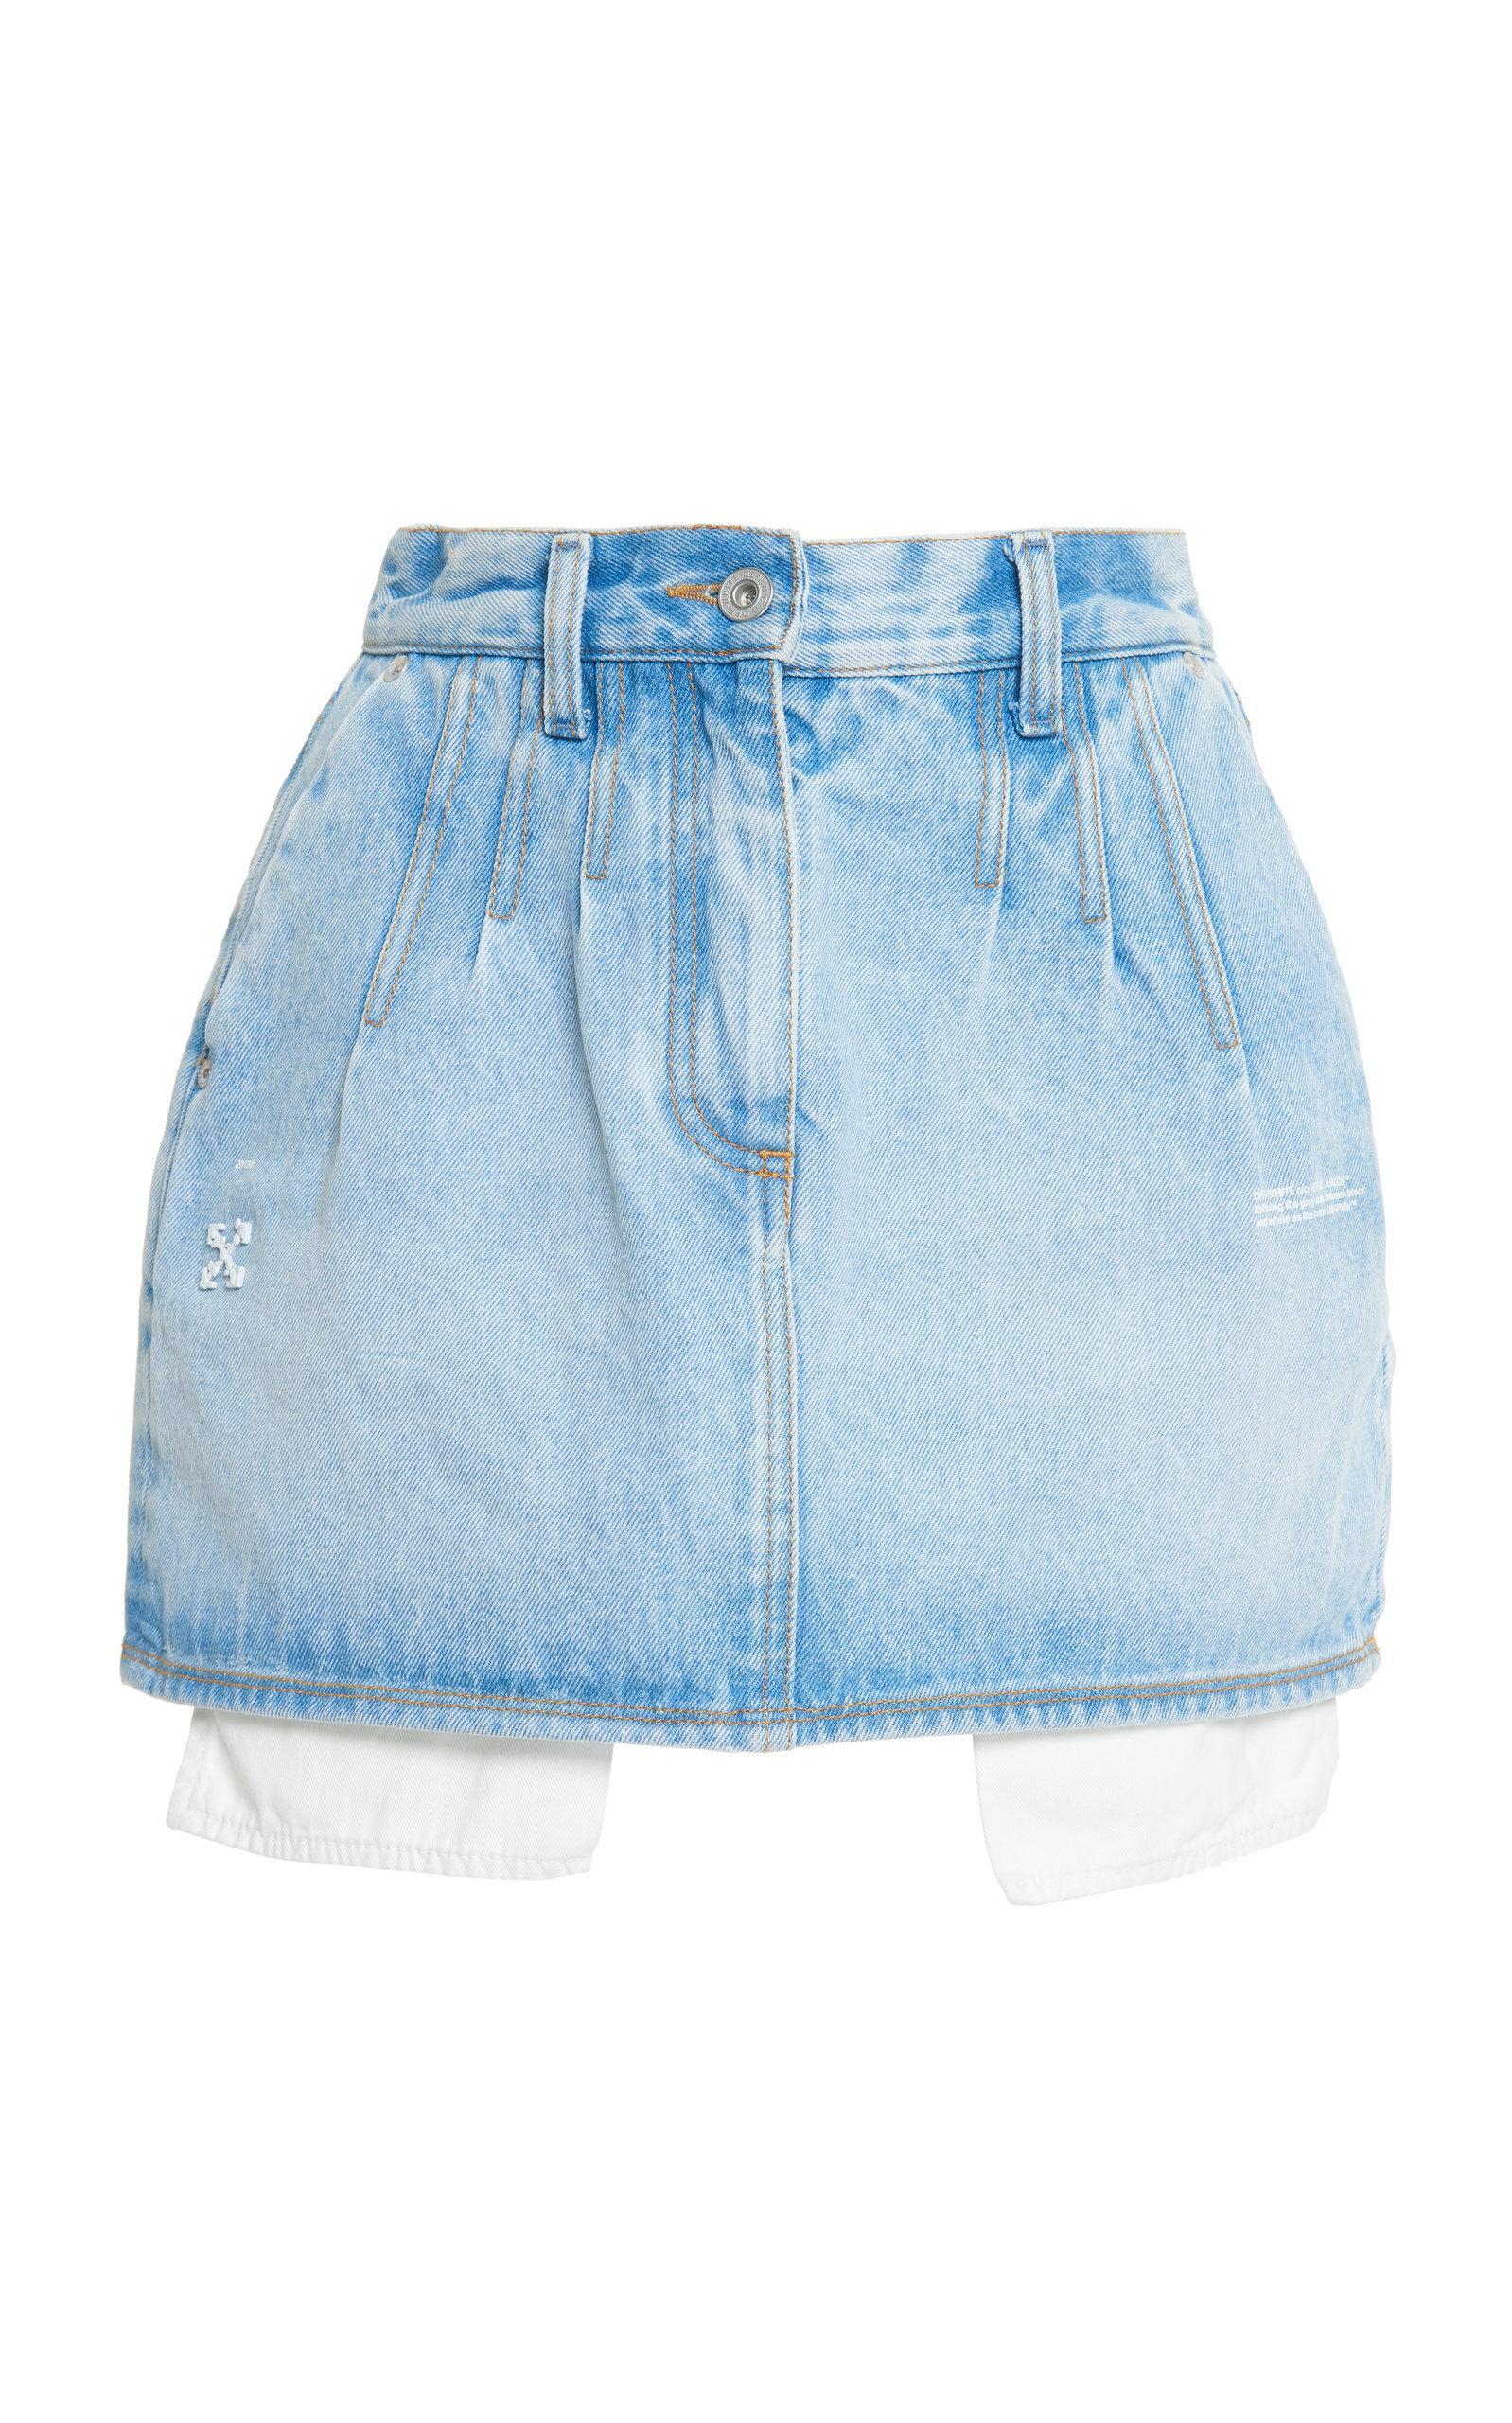 d8d45fcb1d Lyst - Off-White c/o Virgil Abloh High-rise Denim Mini Skirt in Blue